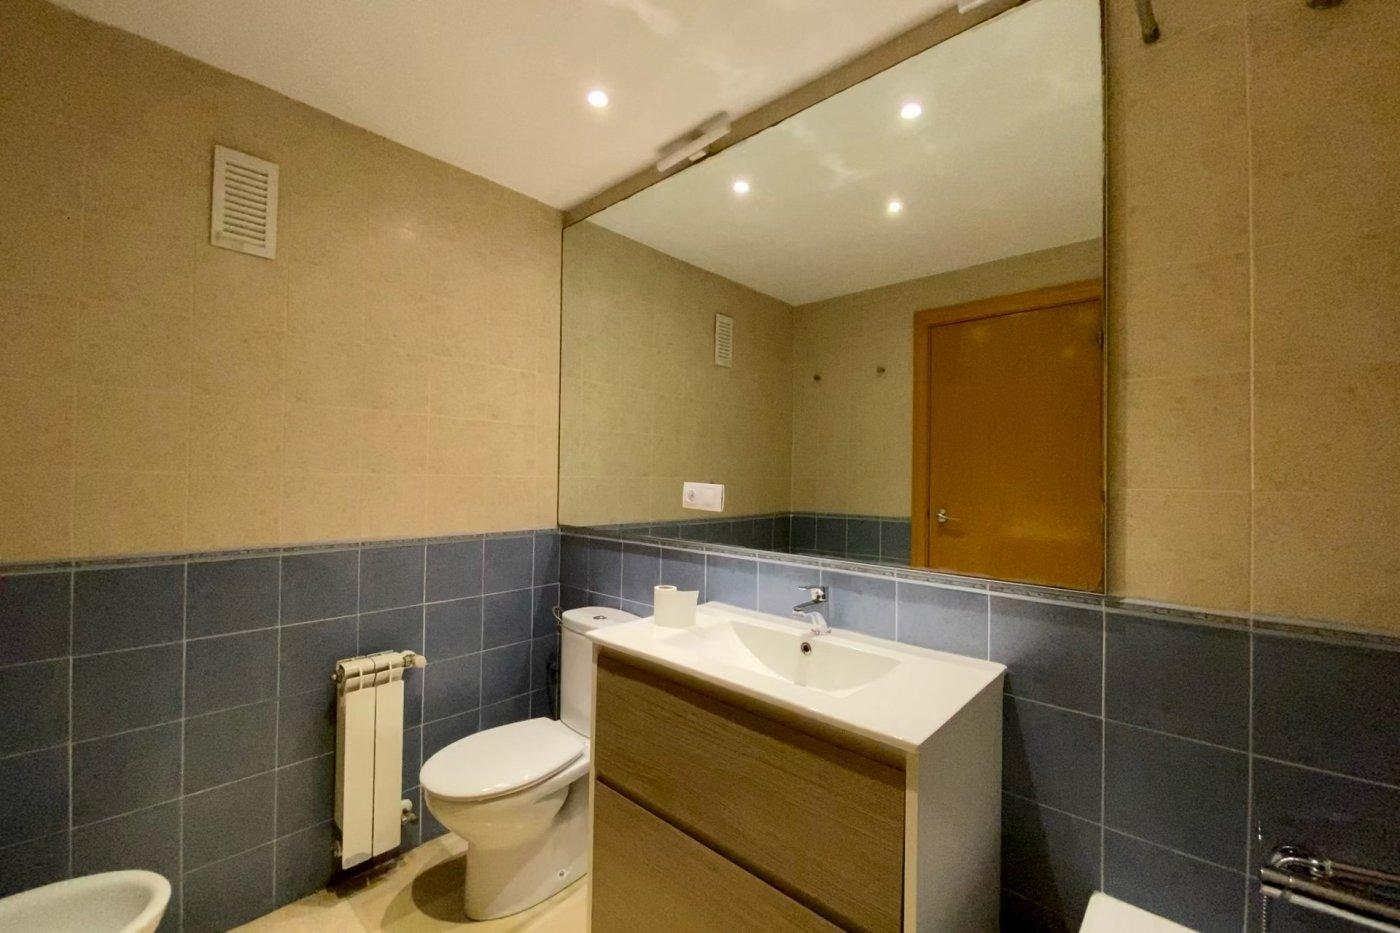 Piso sin muebles de 105 m² de superficie en zona residencial de son cotoner, palma de mall - imagenInmueble5